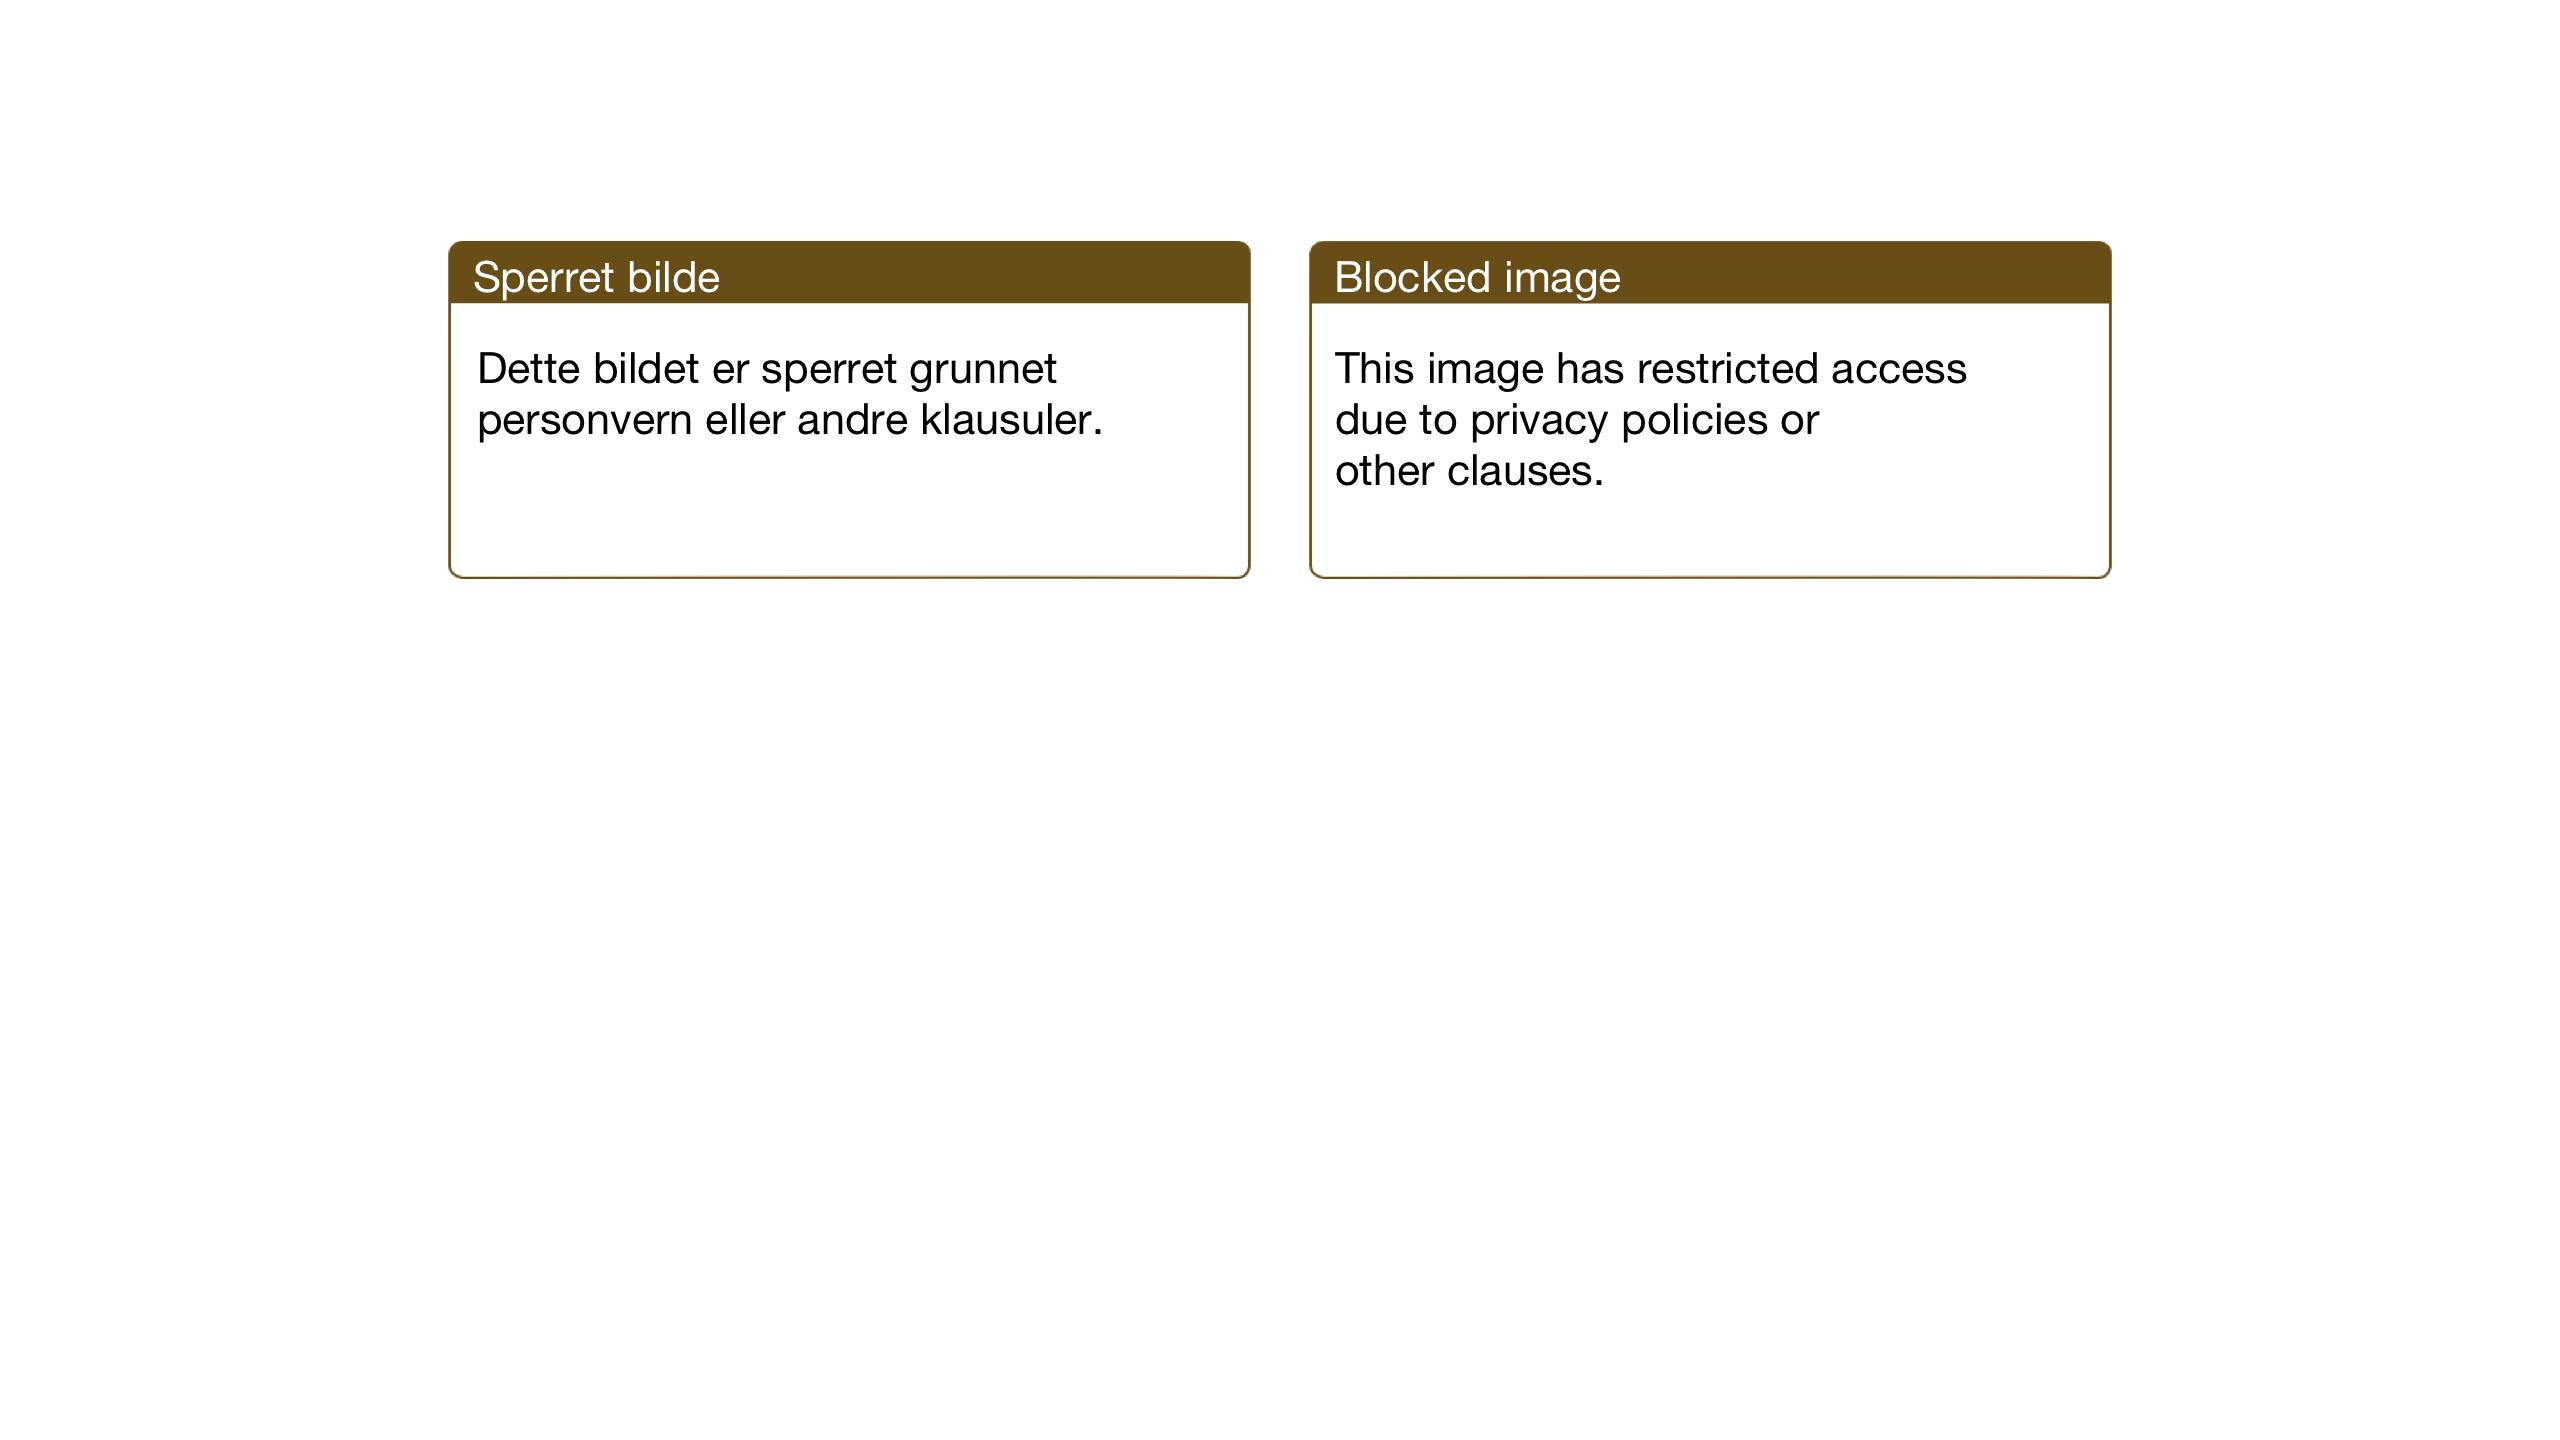 SAT, Ministerialprotokoller, klokkerbøker og fødselsregistre - Sør-Trøndelag, 682/L0947: Klokkerbok nr. 682C01, 1926-1968, s. 91